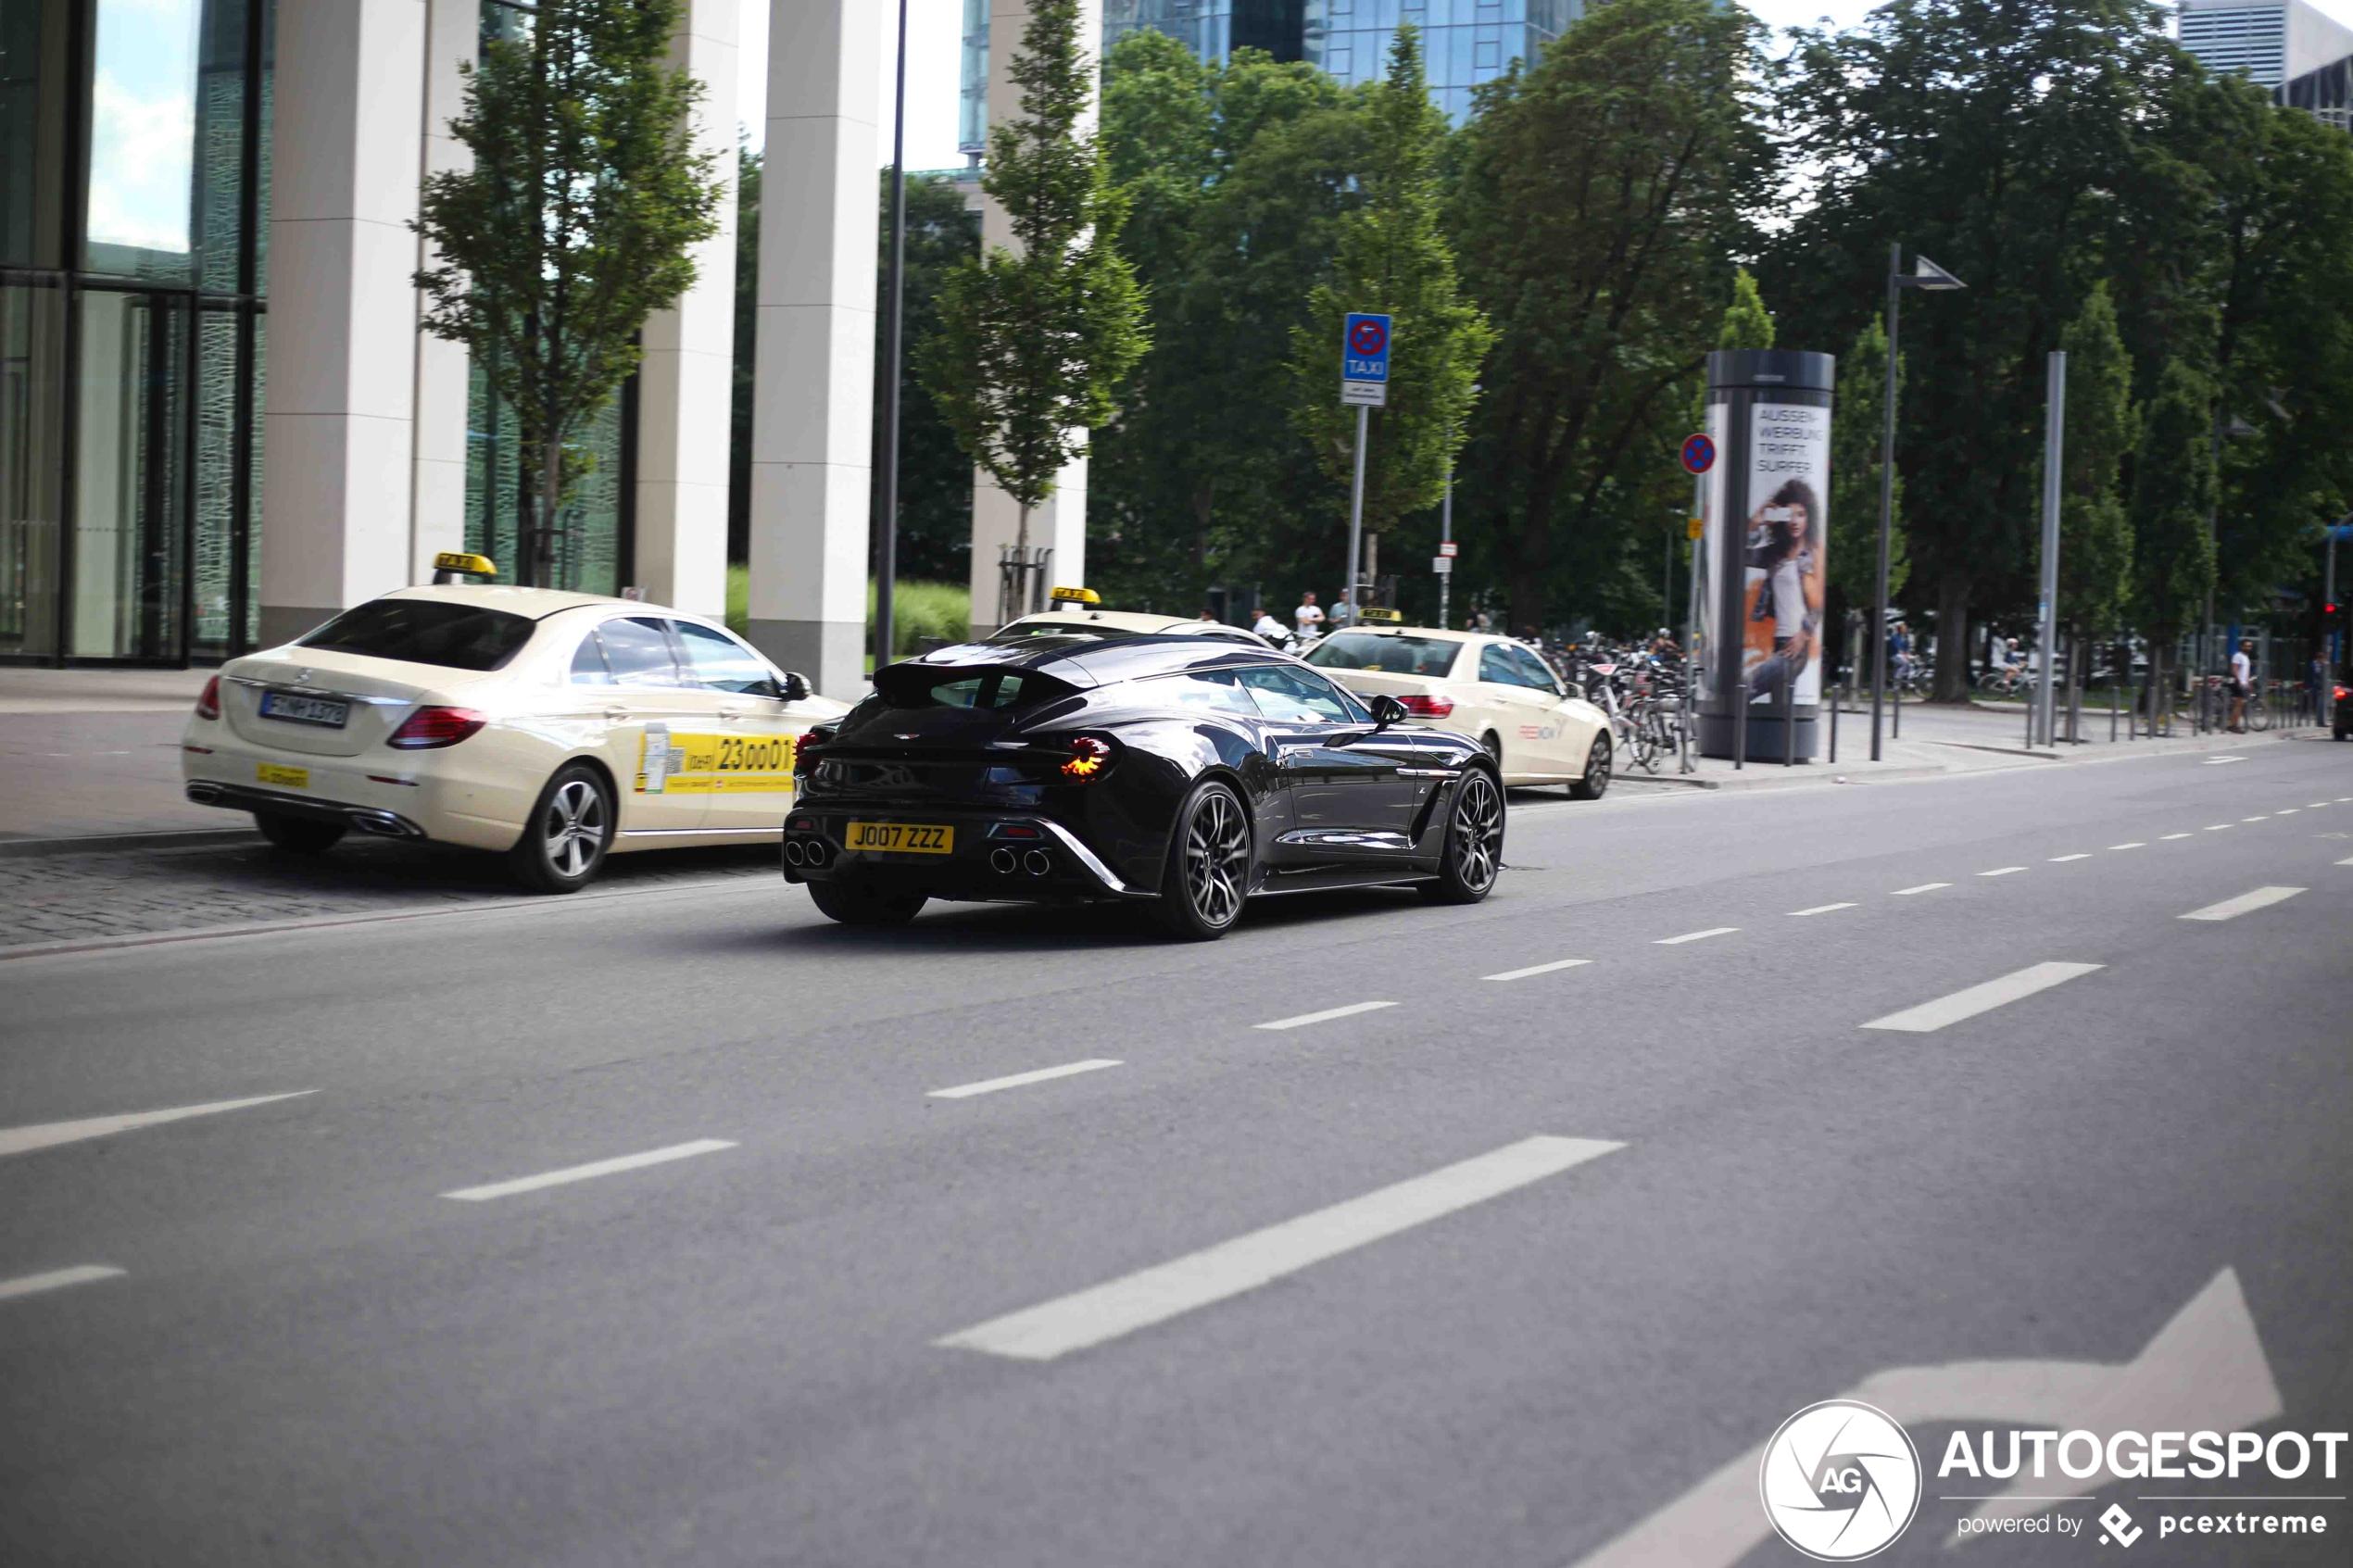 Eindelijk weer een Aston Martin Vanquish Zagato Shooting Brake gespot